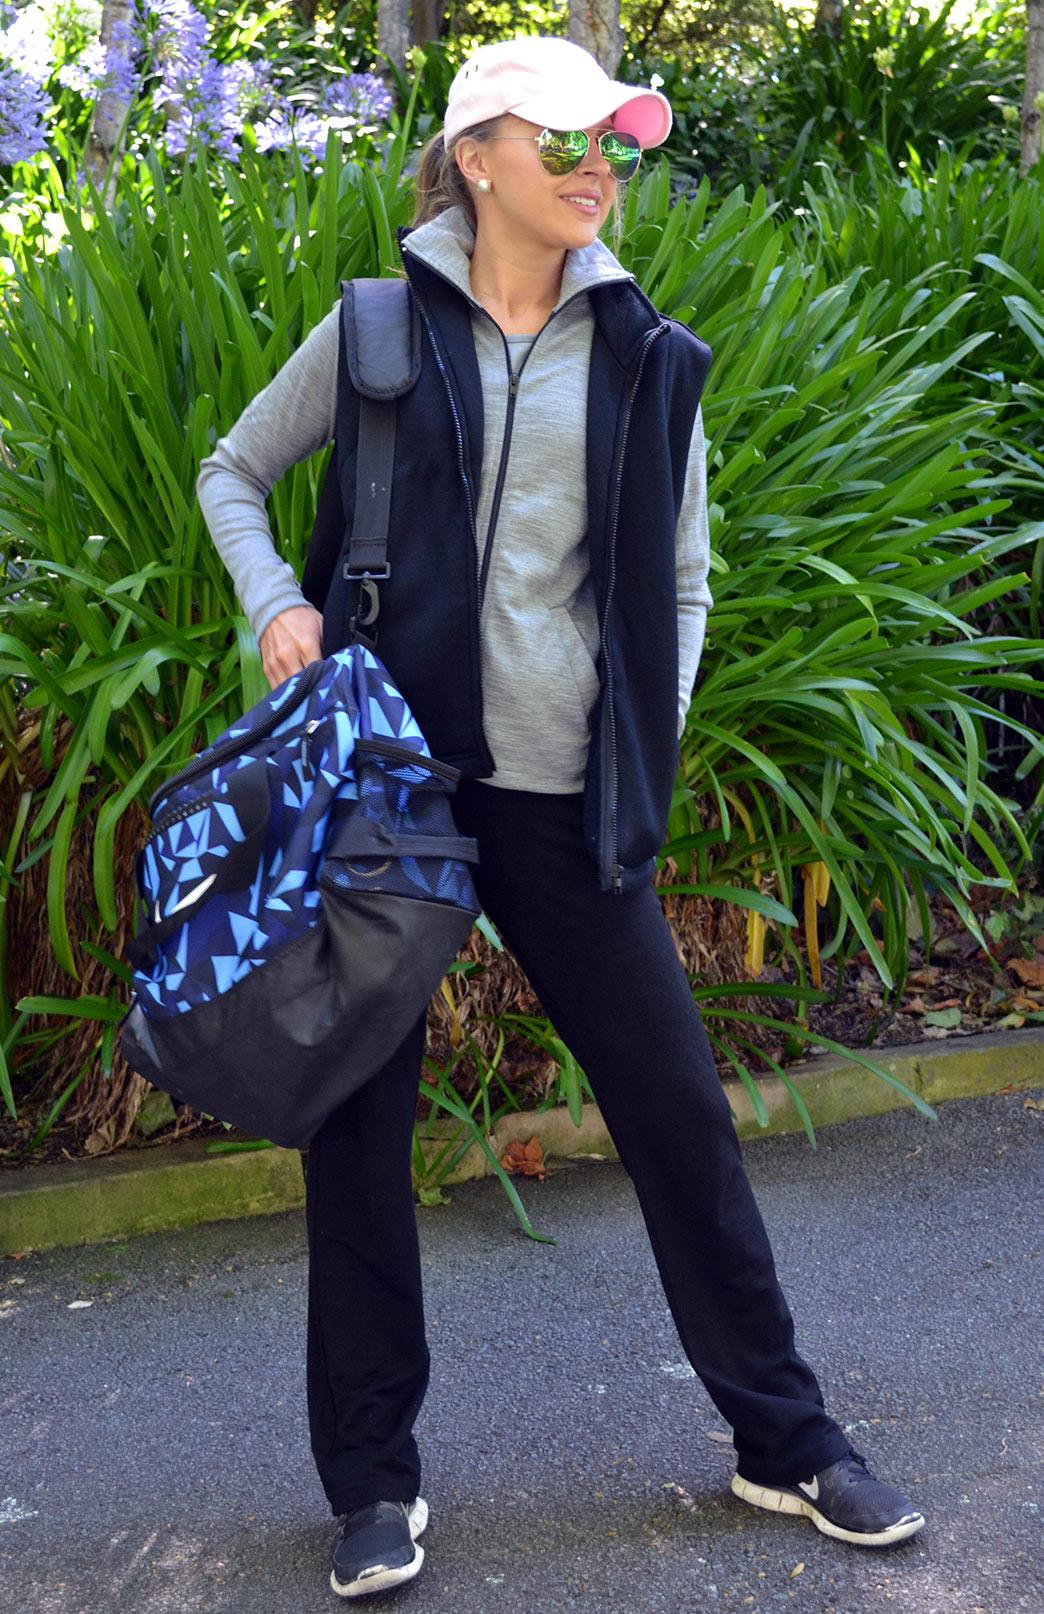 Wool Fleece Vest - Women's Black Wool Fleece Vest with zip fastening and pockets - Smitten Merino Tasmania Australia